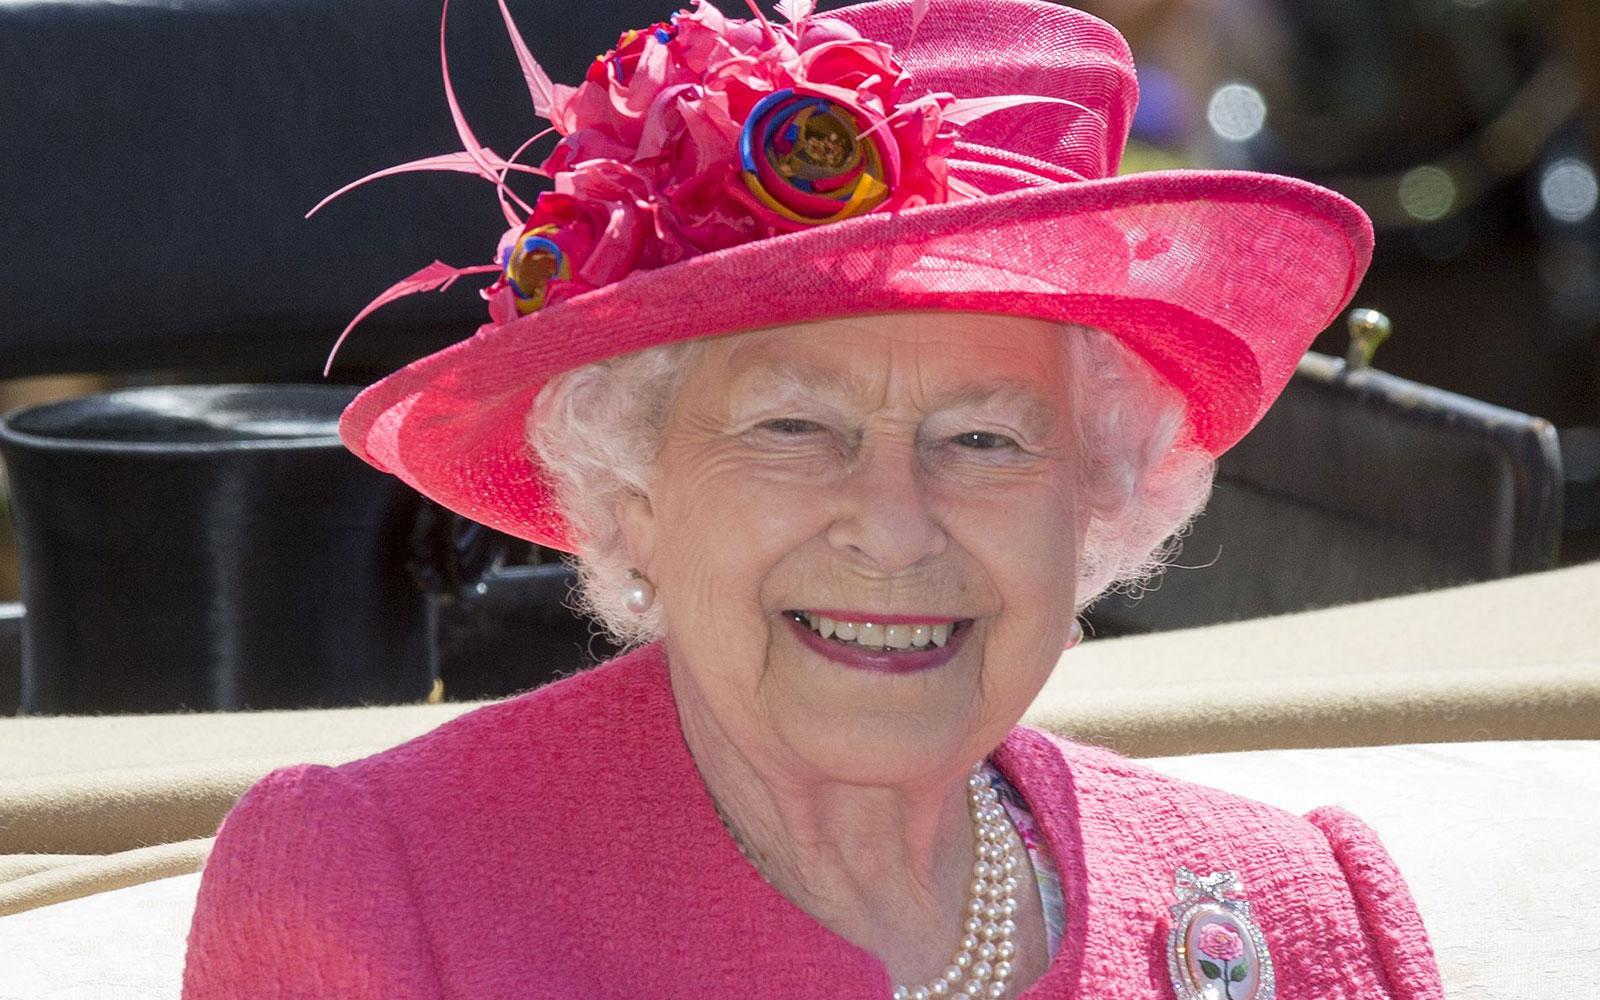 Regina Elisabeta nu poartă pantaloni în public! De ce a renunțat la acest obiect vestimentar